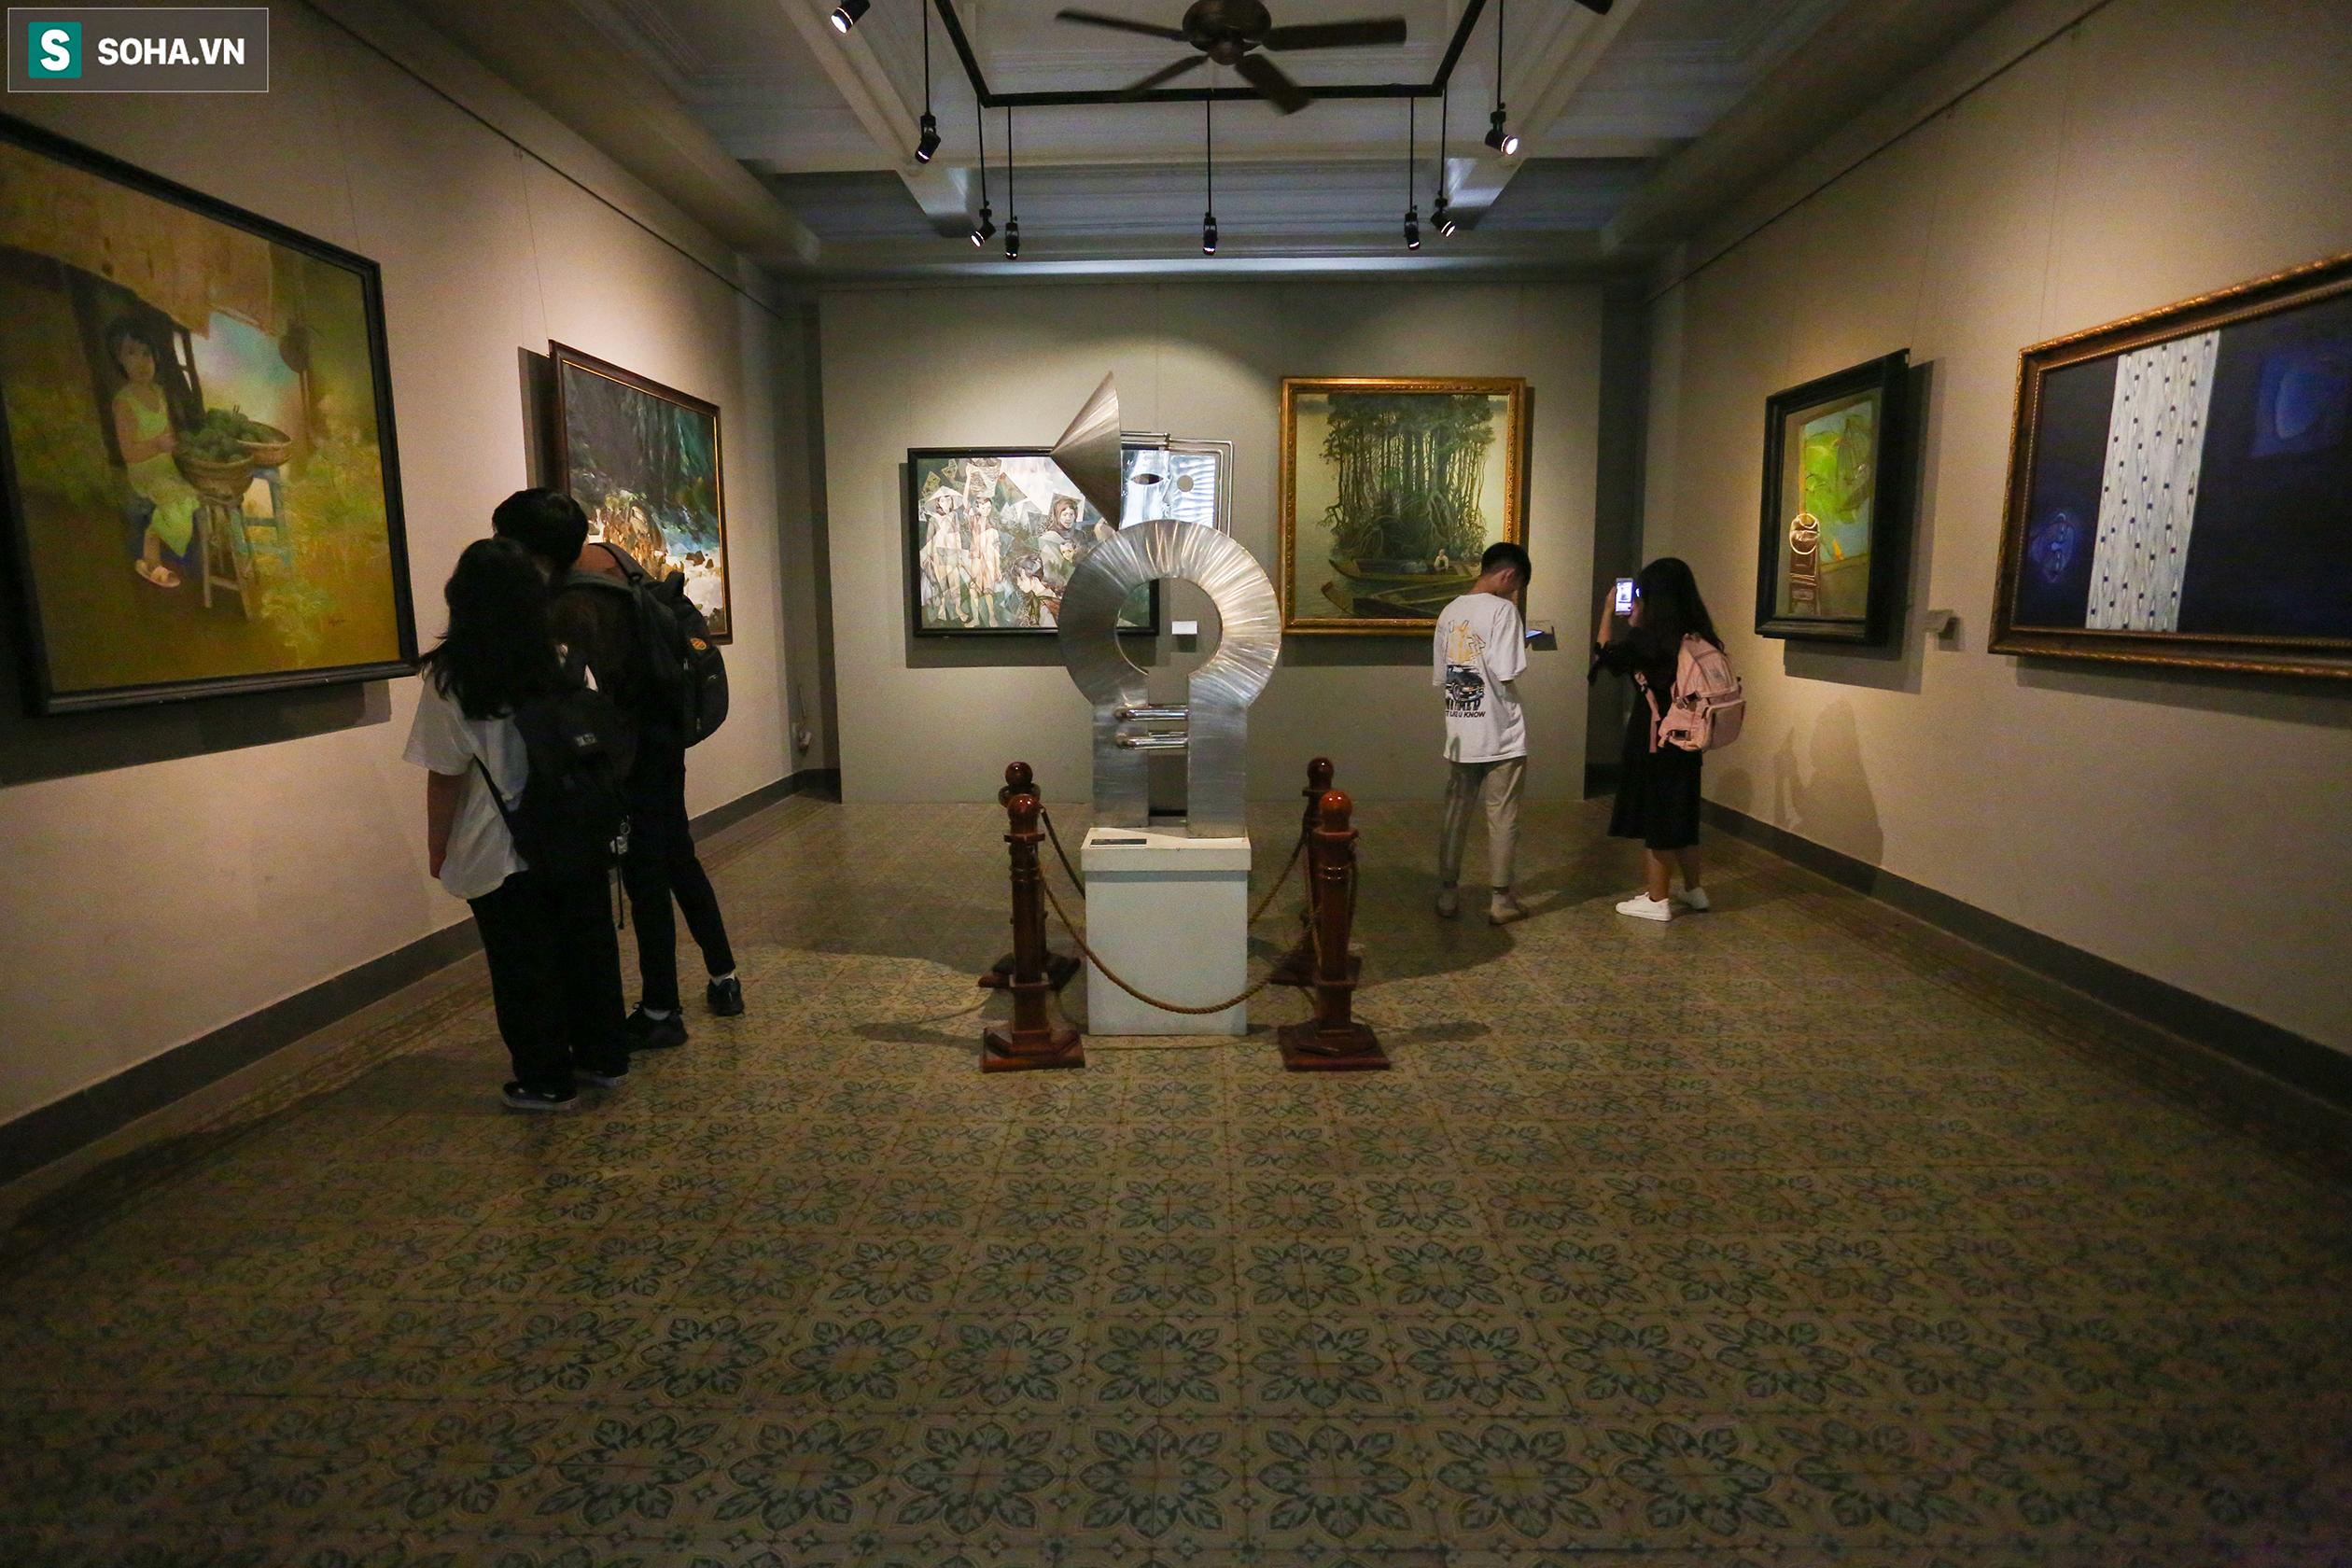 Dự án tứ giác Bến Thành có vị trí đắc địa bậc nhất TP.HCM thi công gây lún nứt Bảo tàng Mỹ thuật - Ảnh 15.